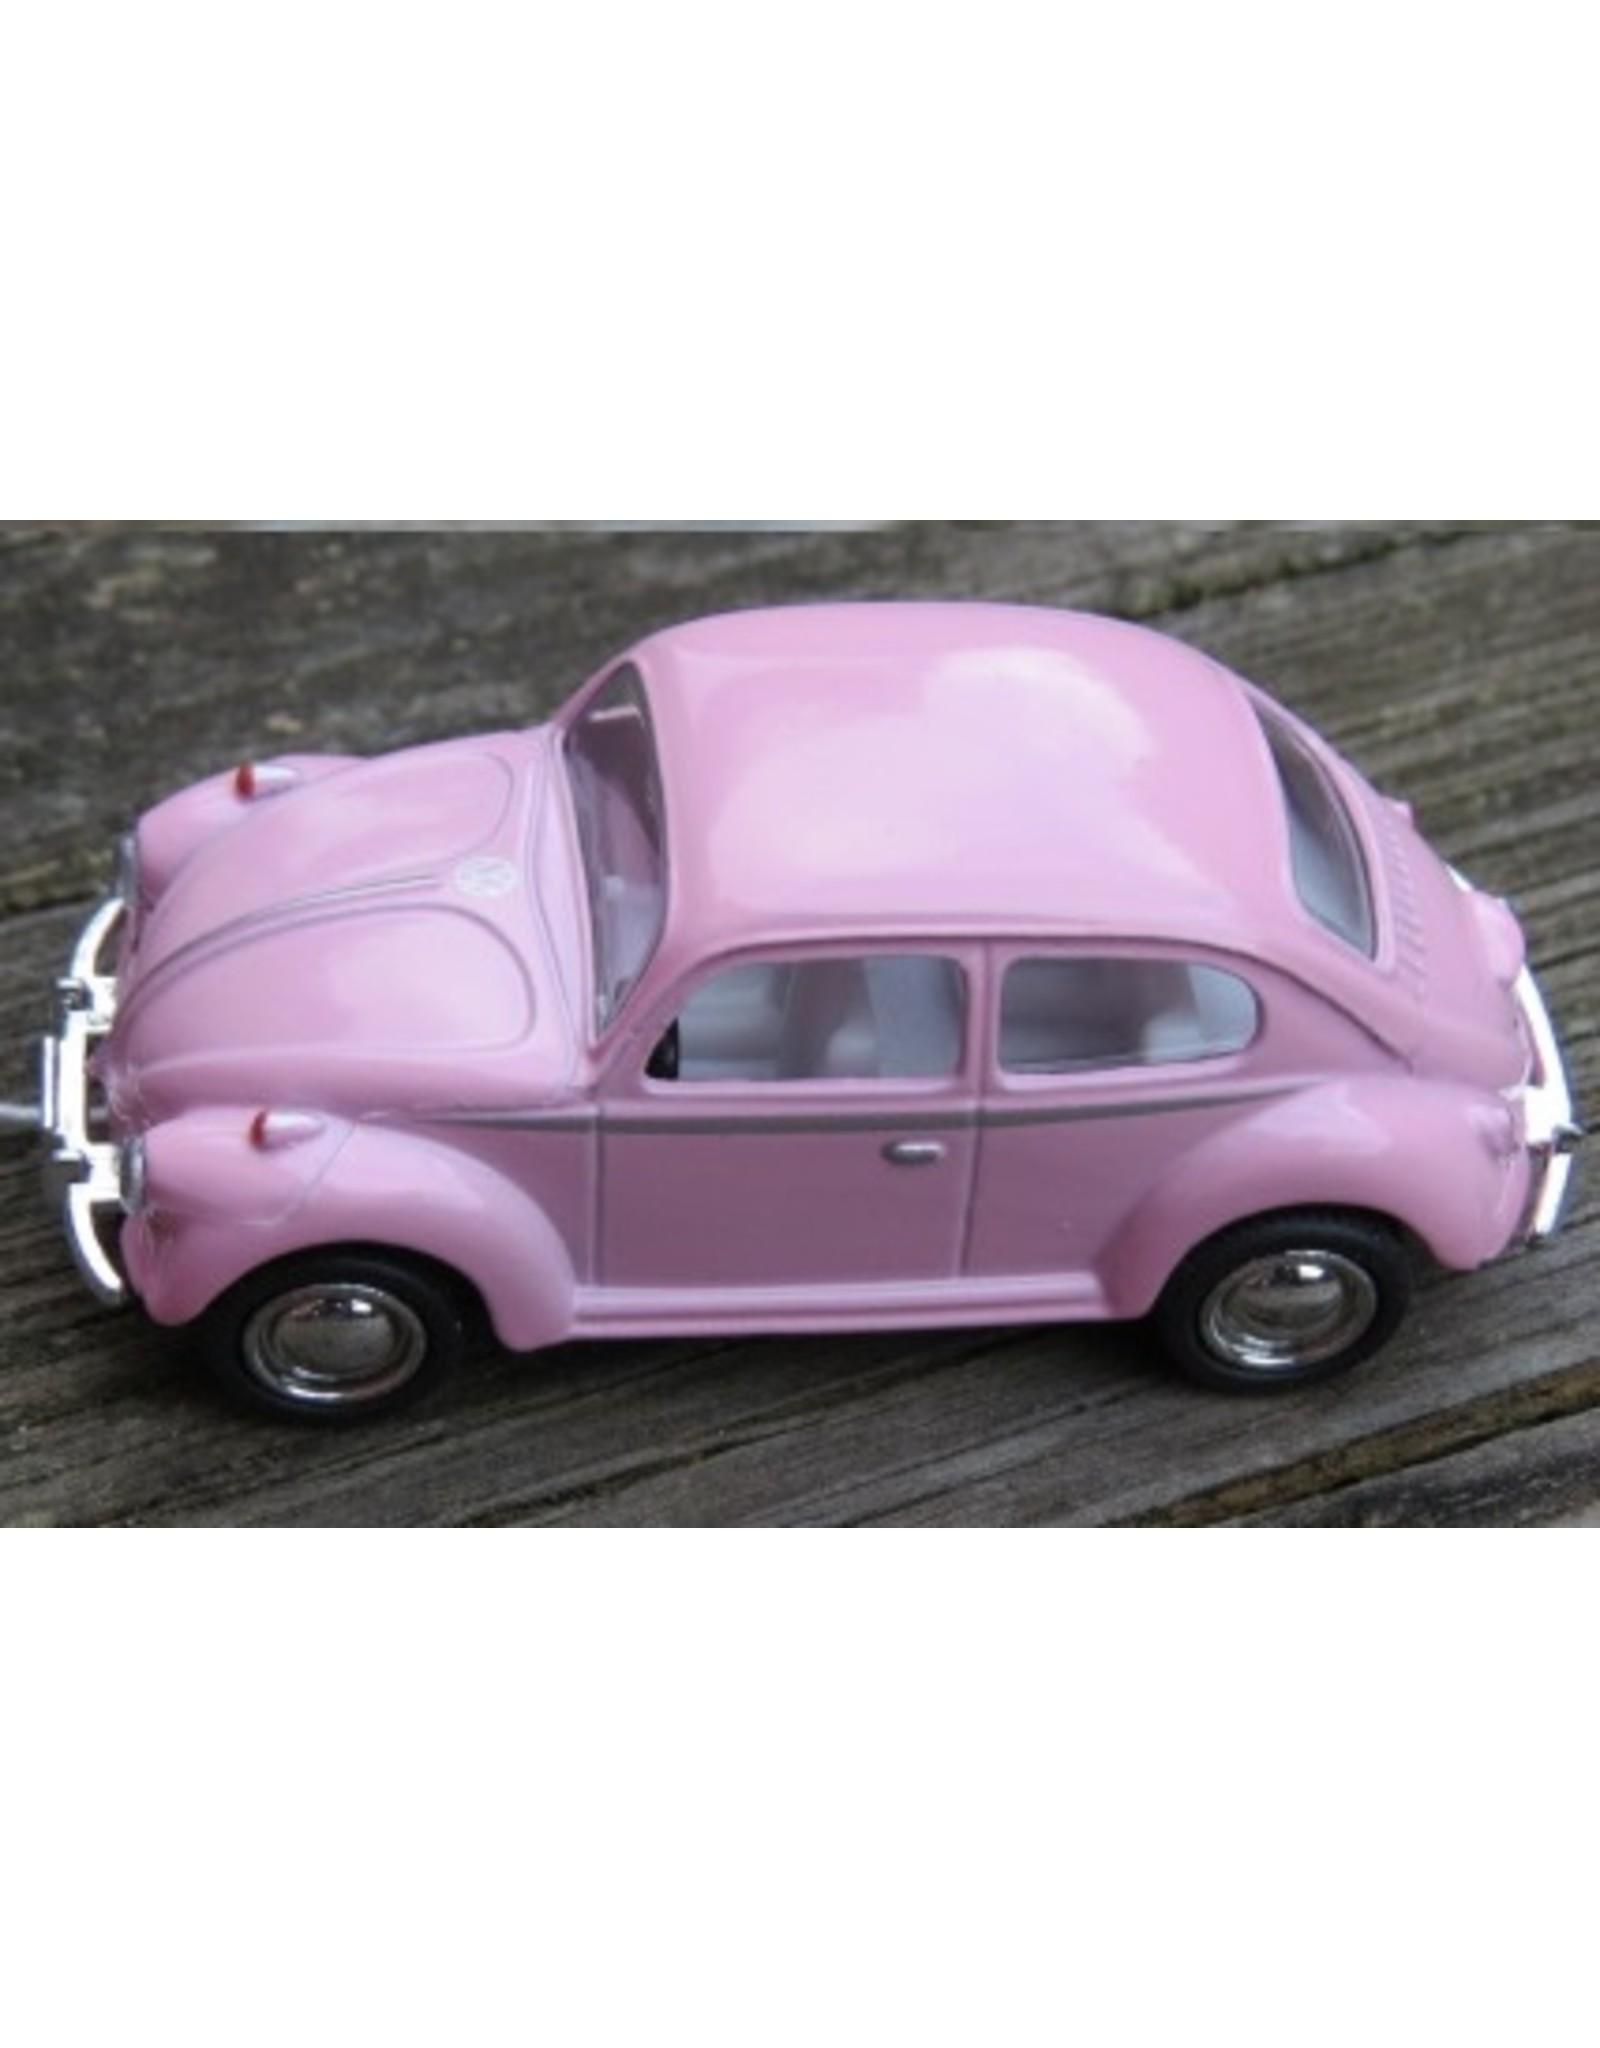 Volkswagen Beetle (1:64) - pink